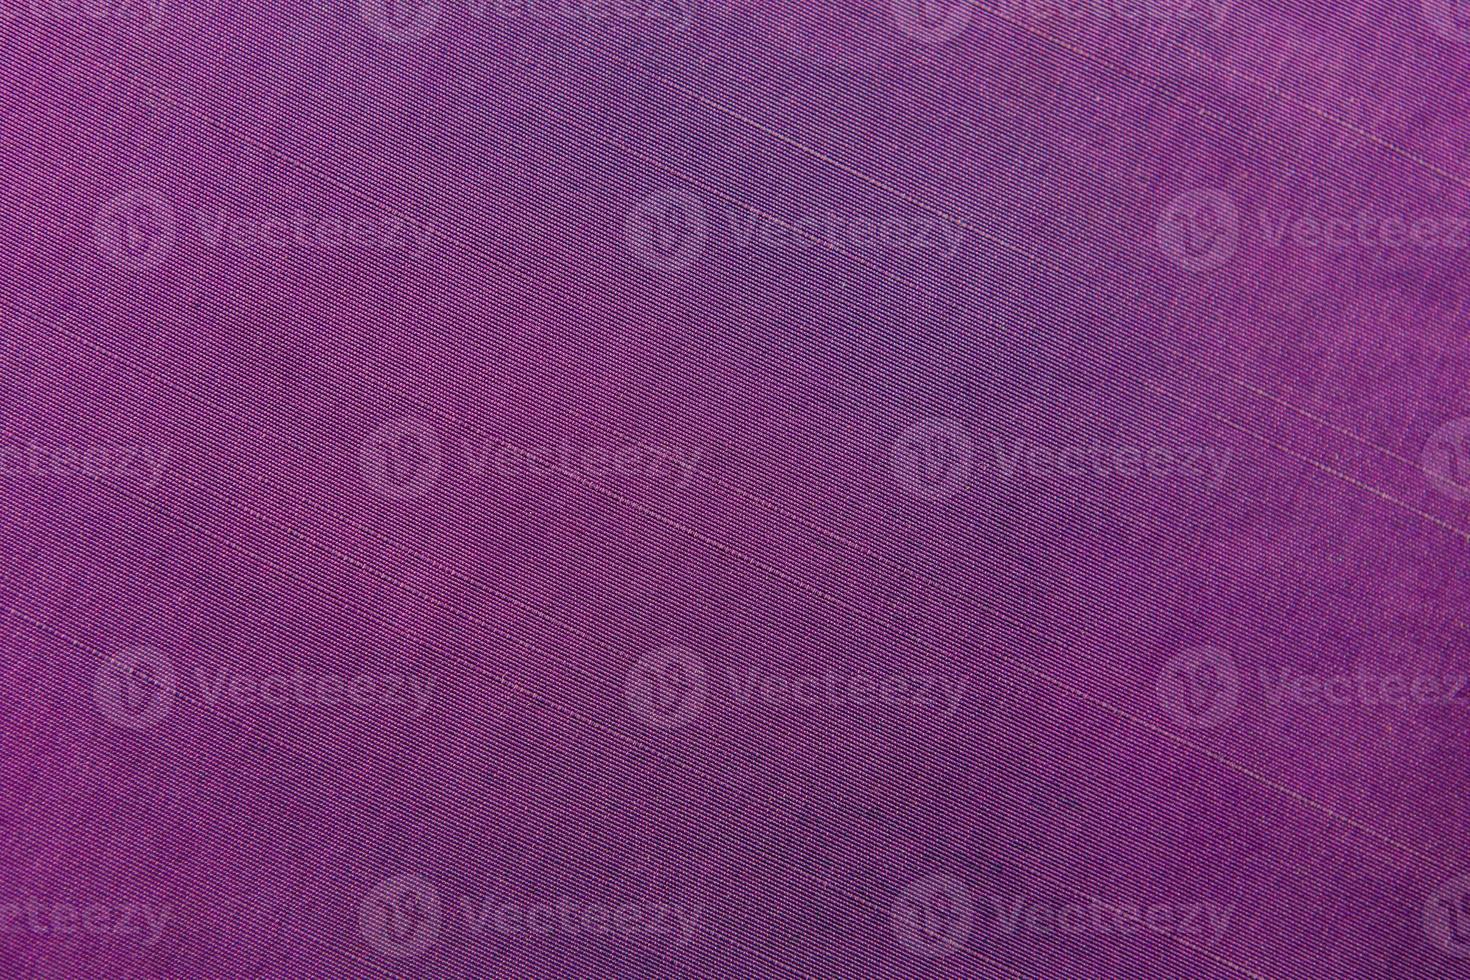 texture de coton violet photo